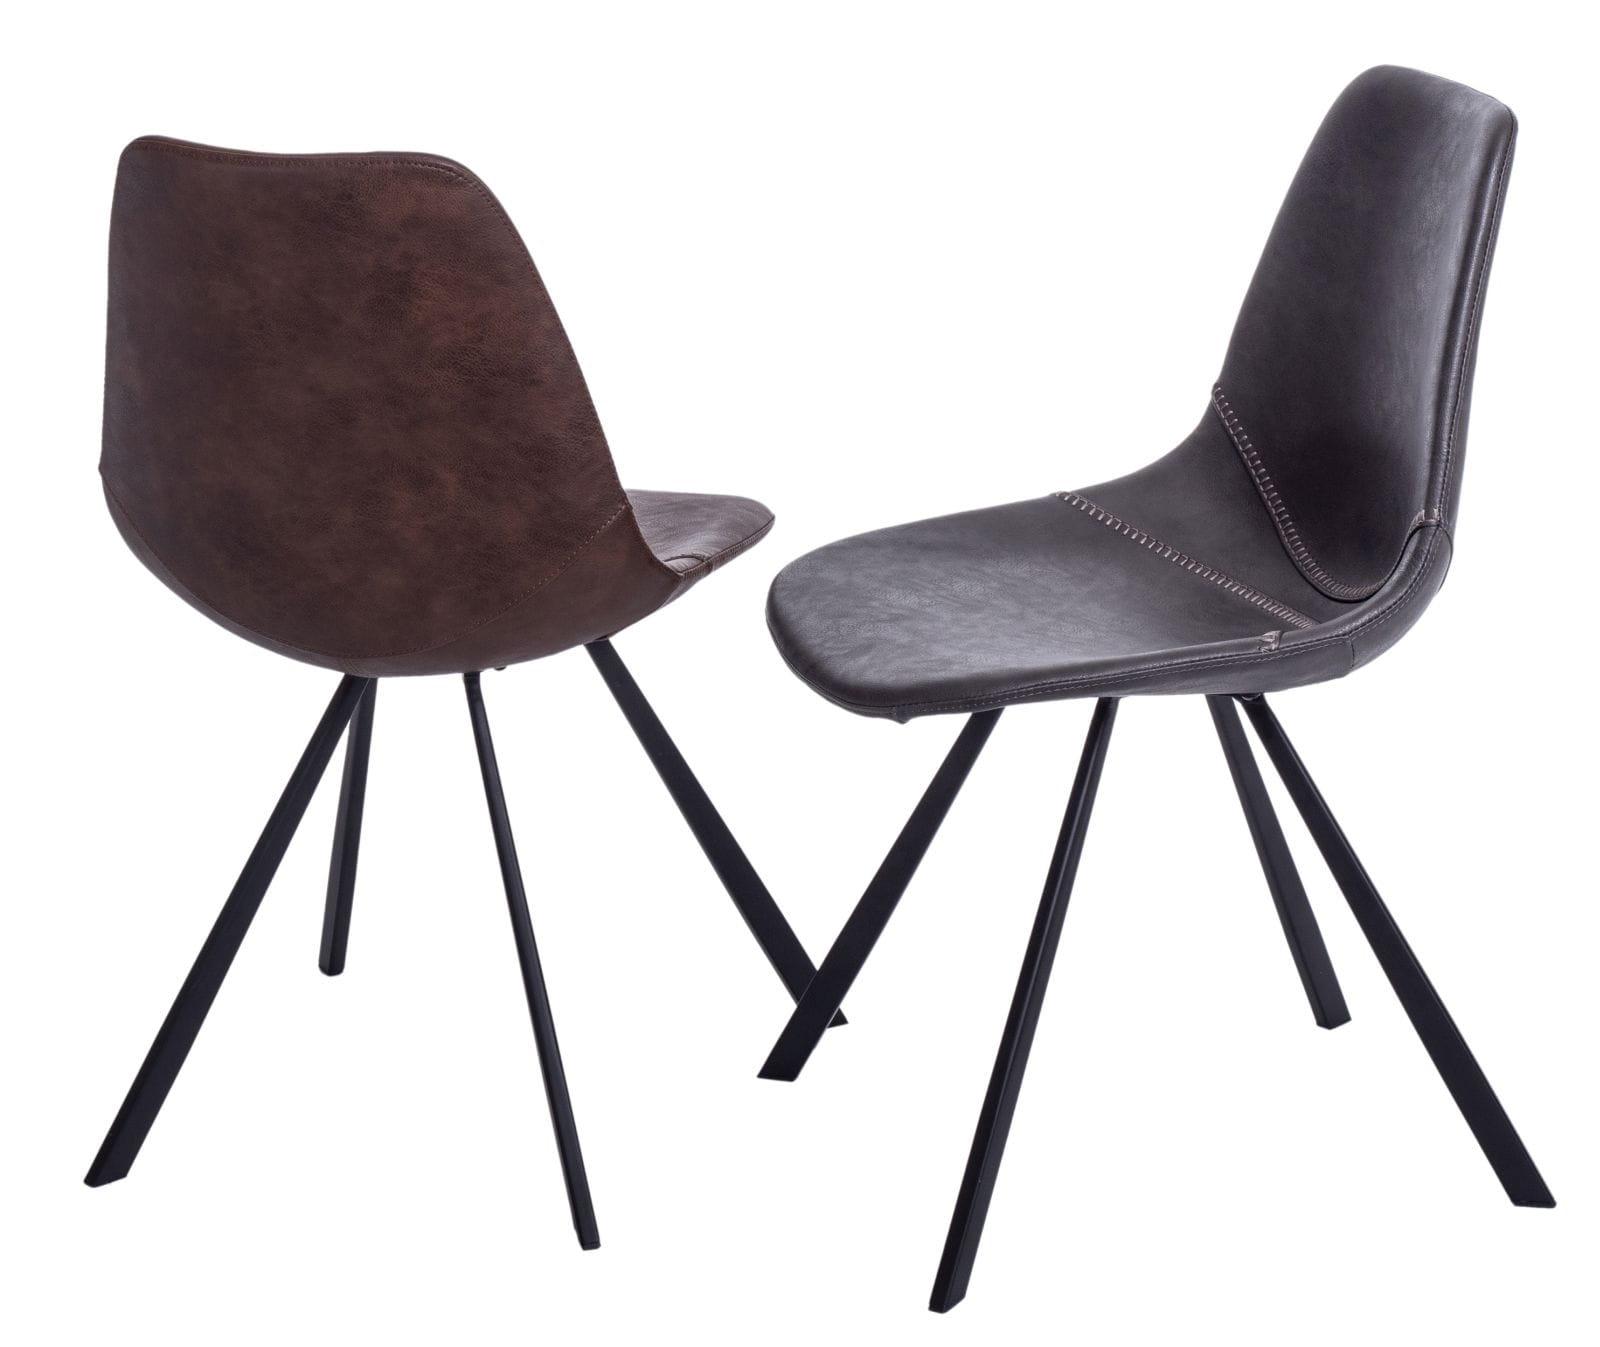 Topnotch Krzesło Vincent M ekoskóra Meble-Bocian - Internetowy sklep meblowy PJ32